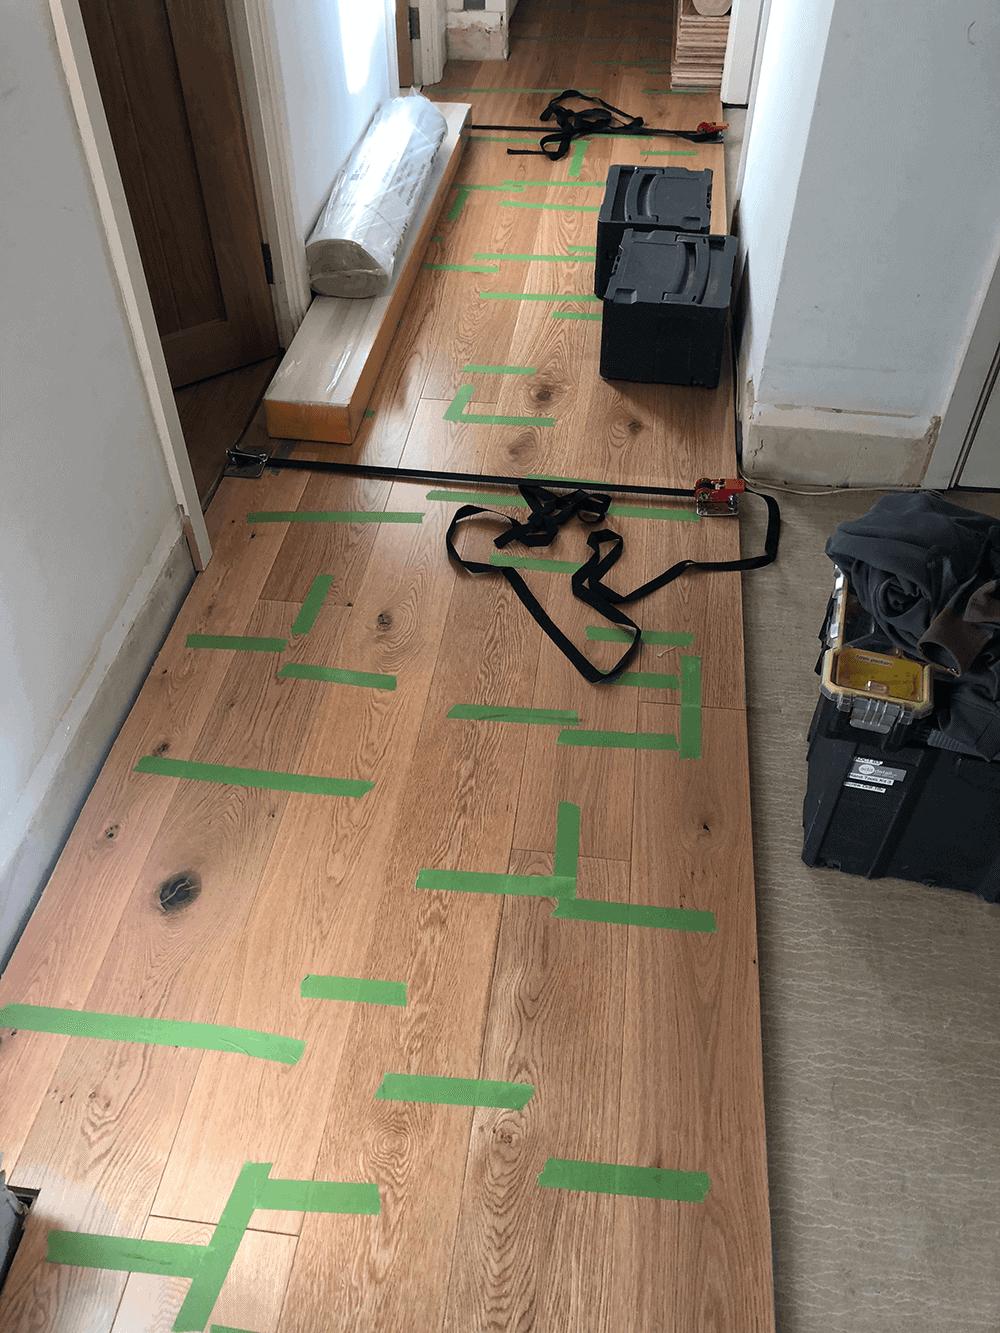 Flooring Installation in Progress